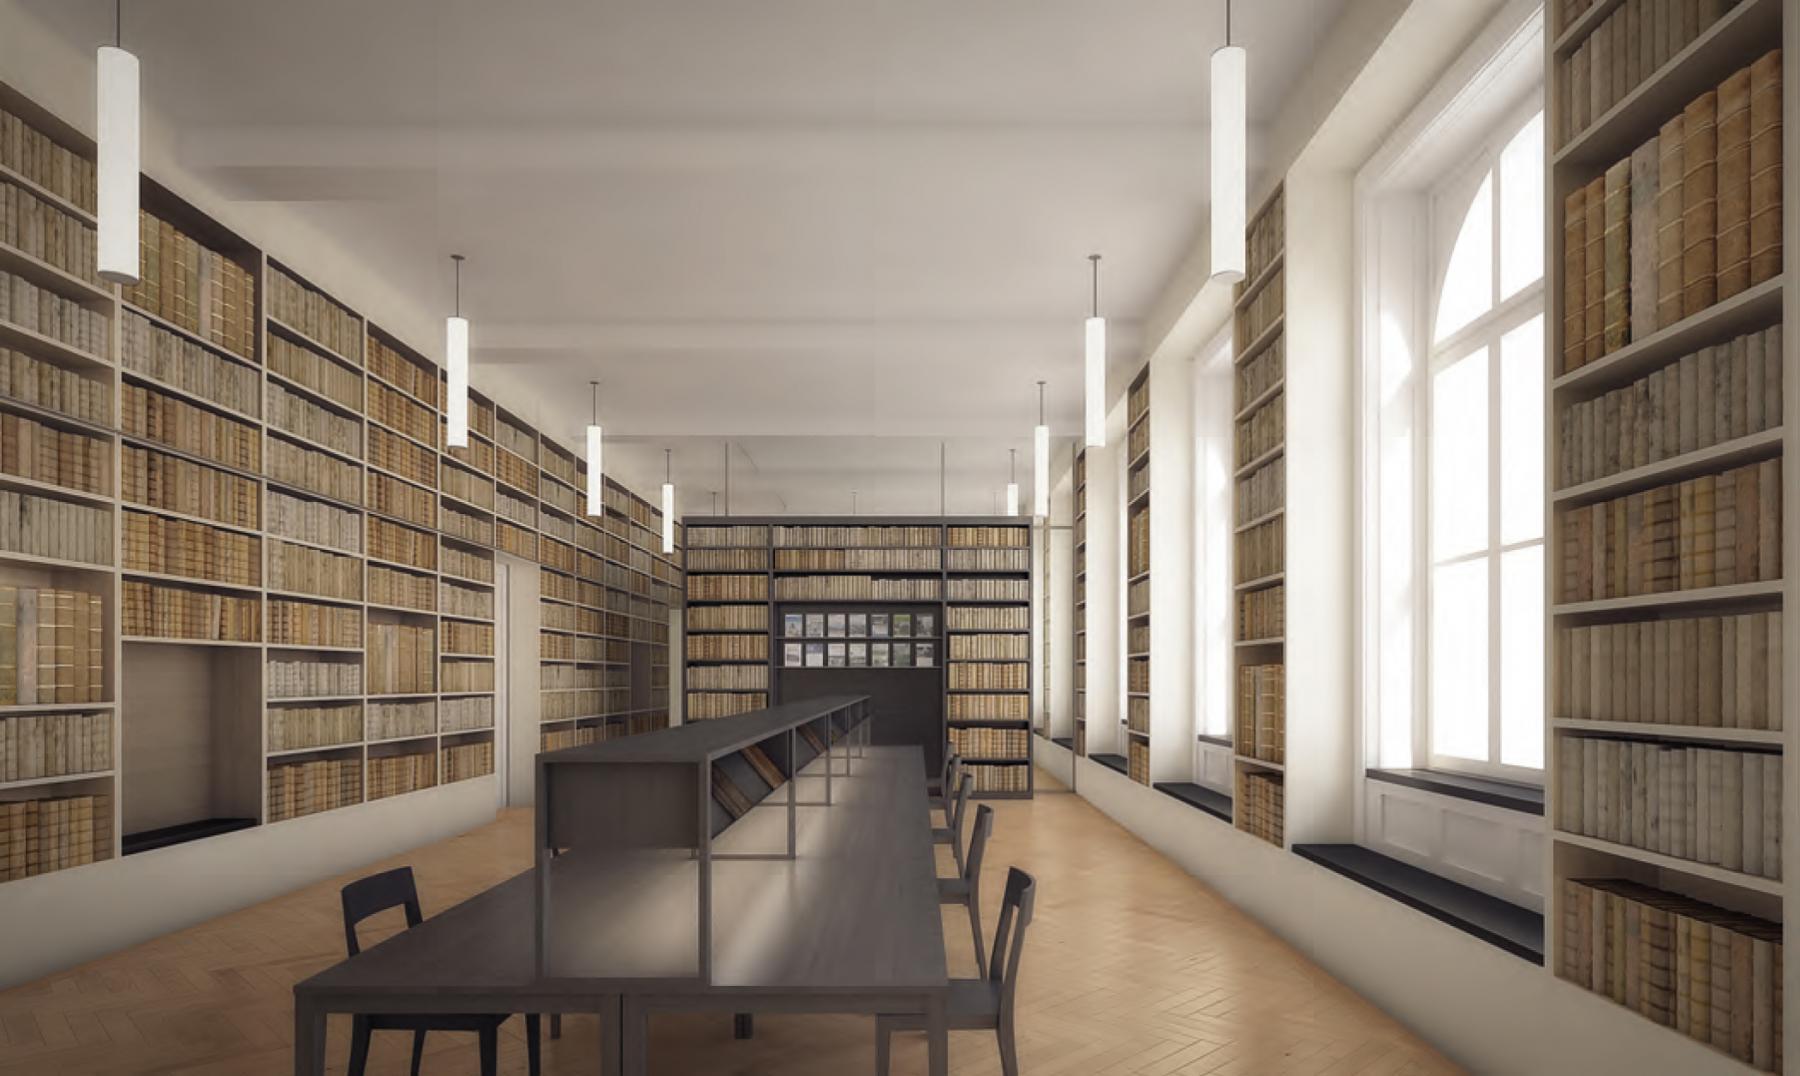 Verlegung Thomas Mann- und Max Frisch-Archiv, Zürich, ARGE Fahrländer Scherrer schindlersalmerón